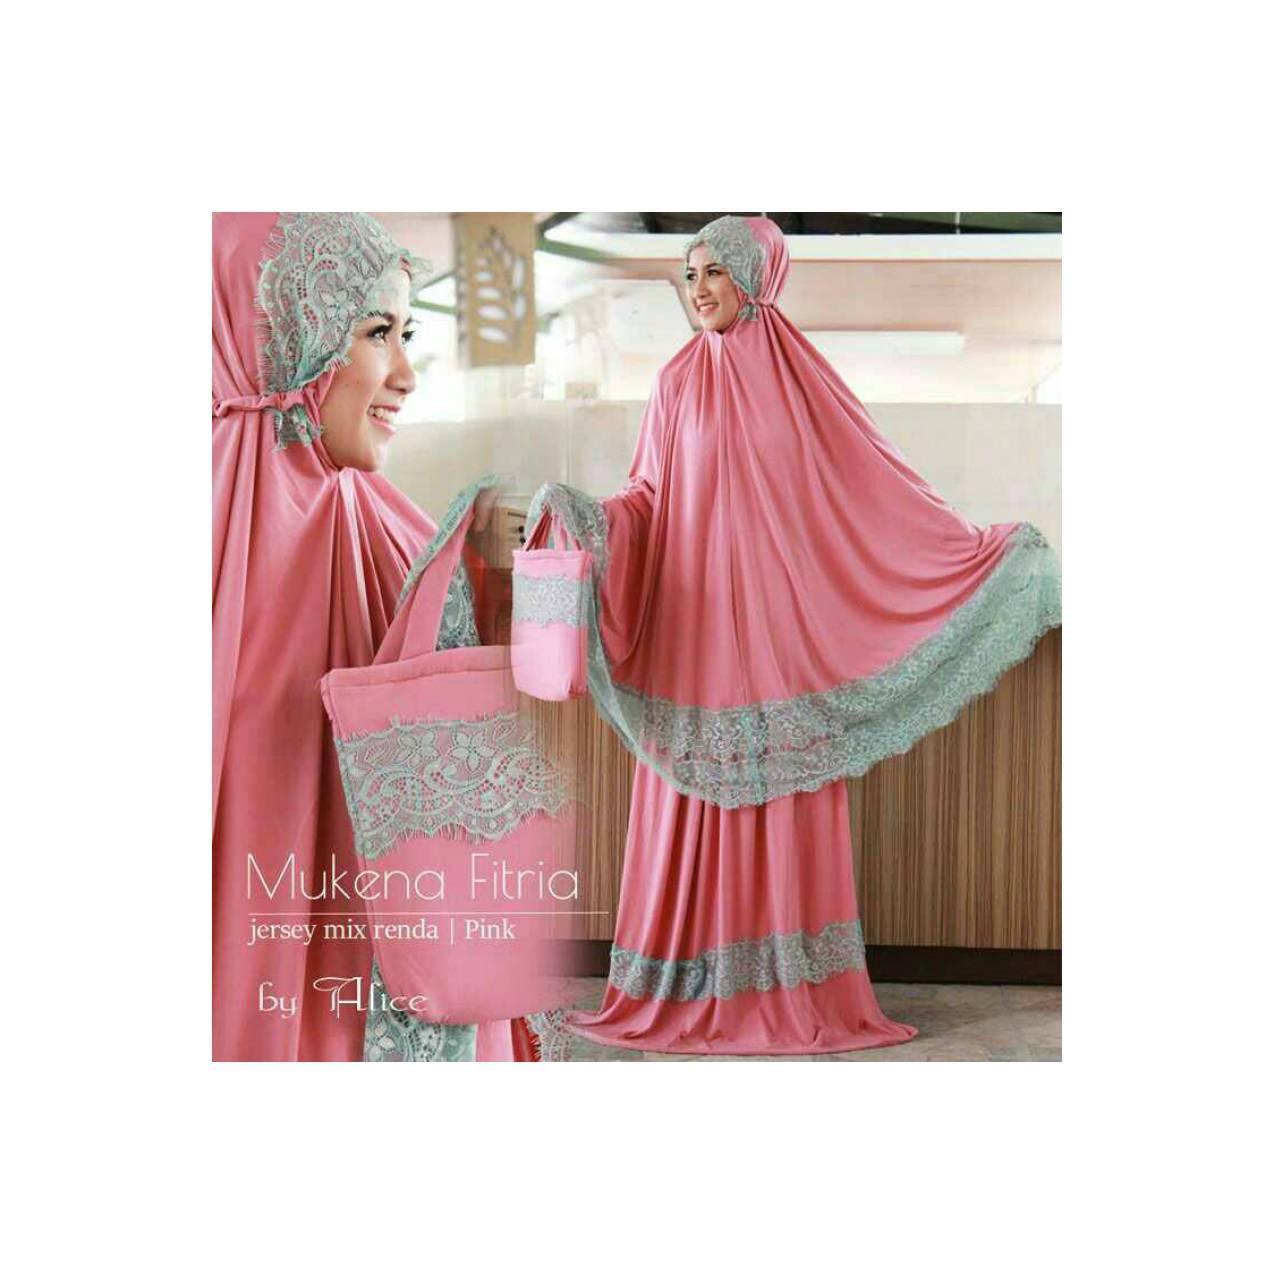 Mukena Fitria Pink khusus bln ramadhan/bisa untuk seserahan pernikahan